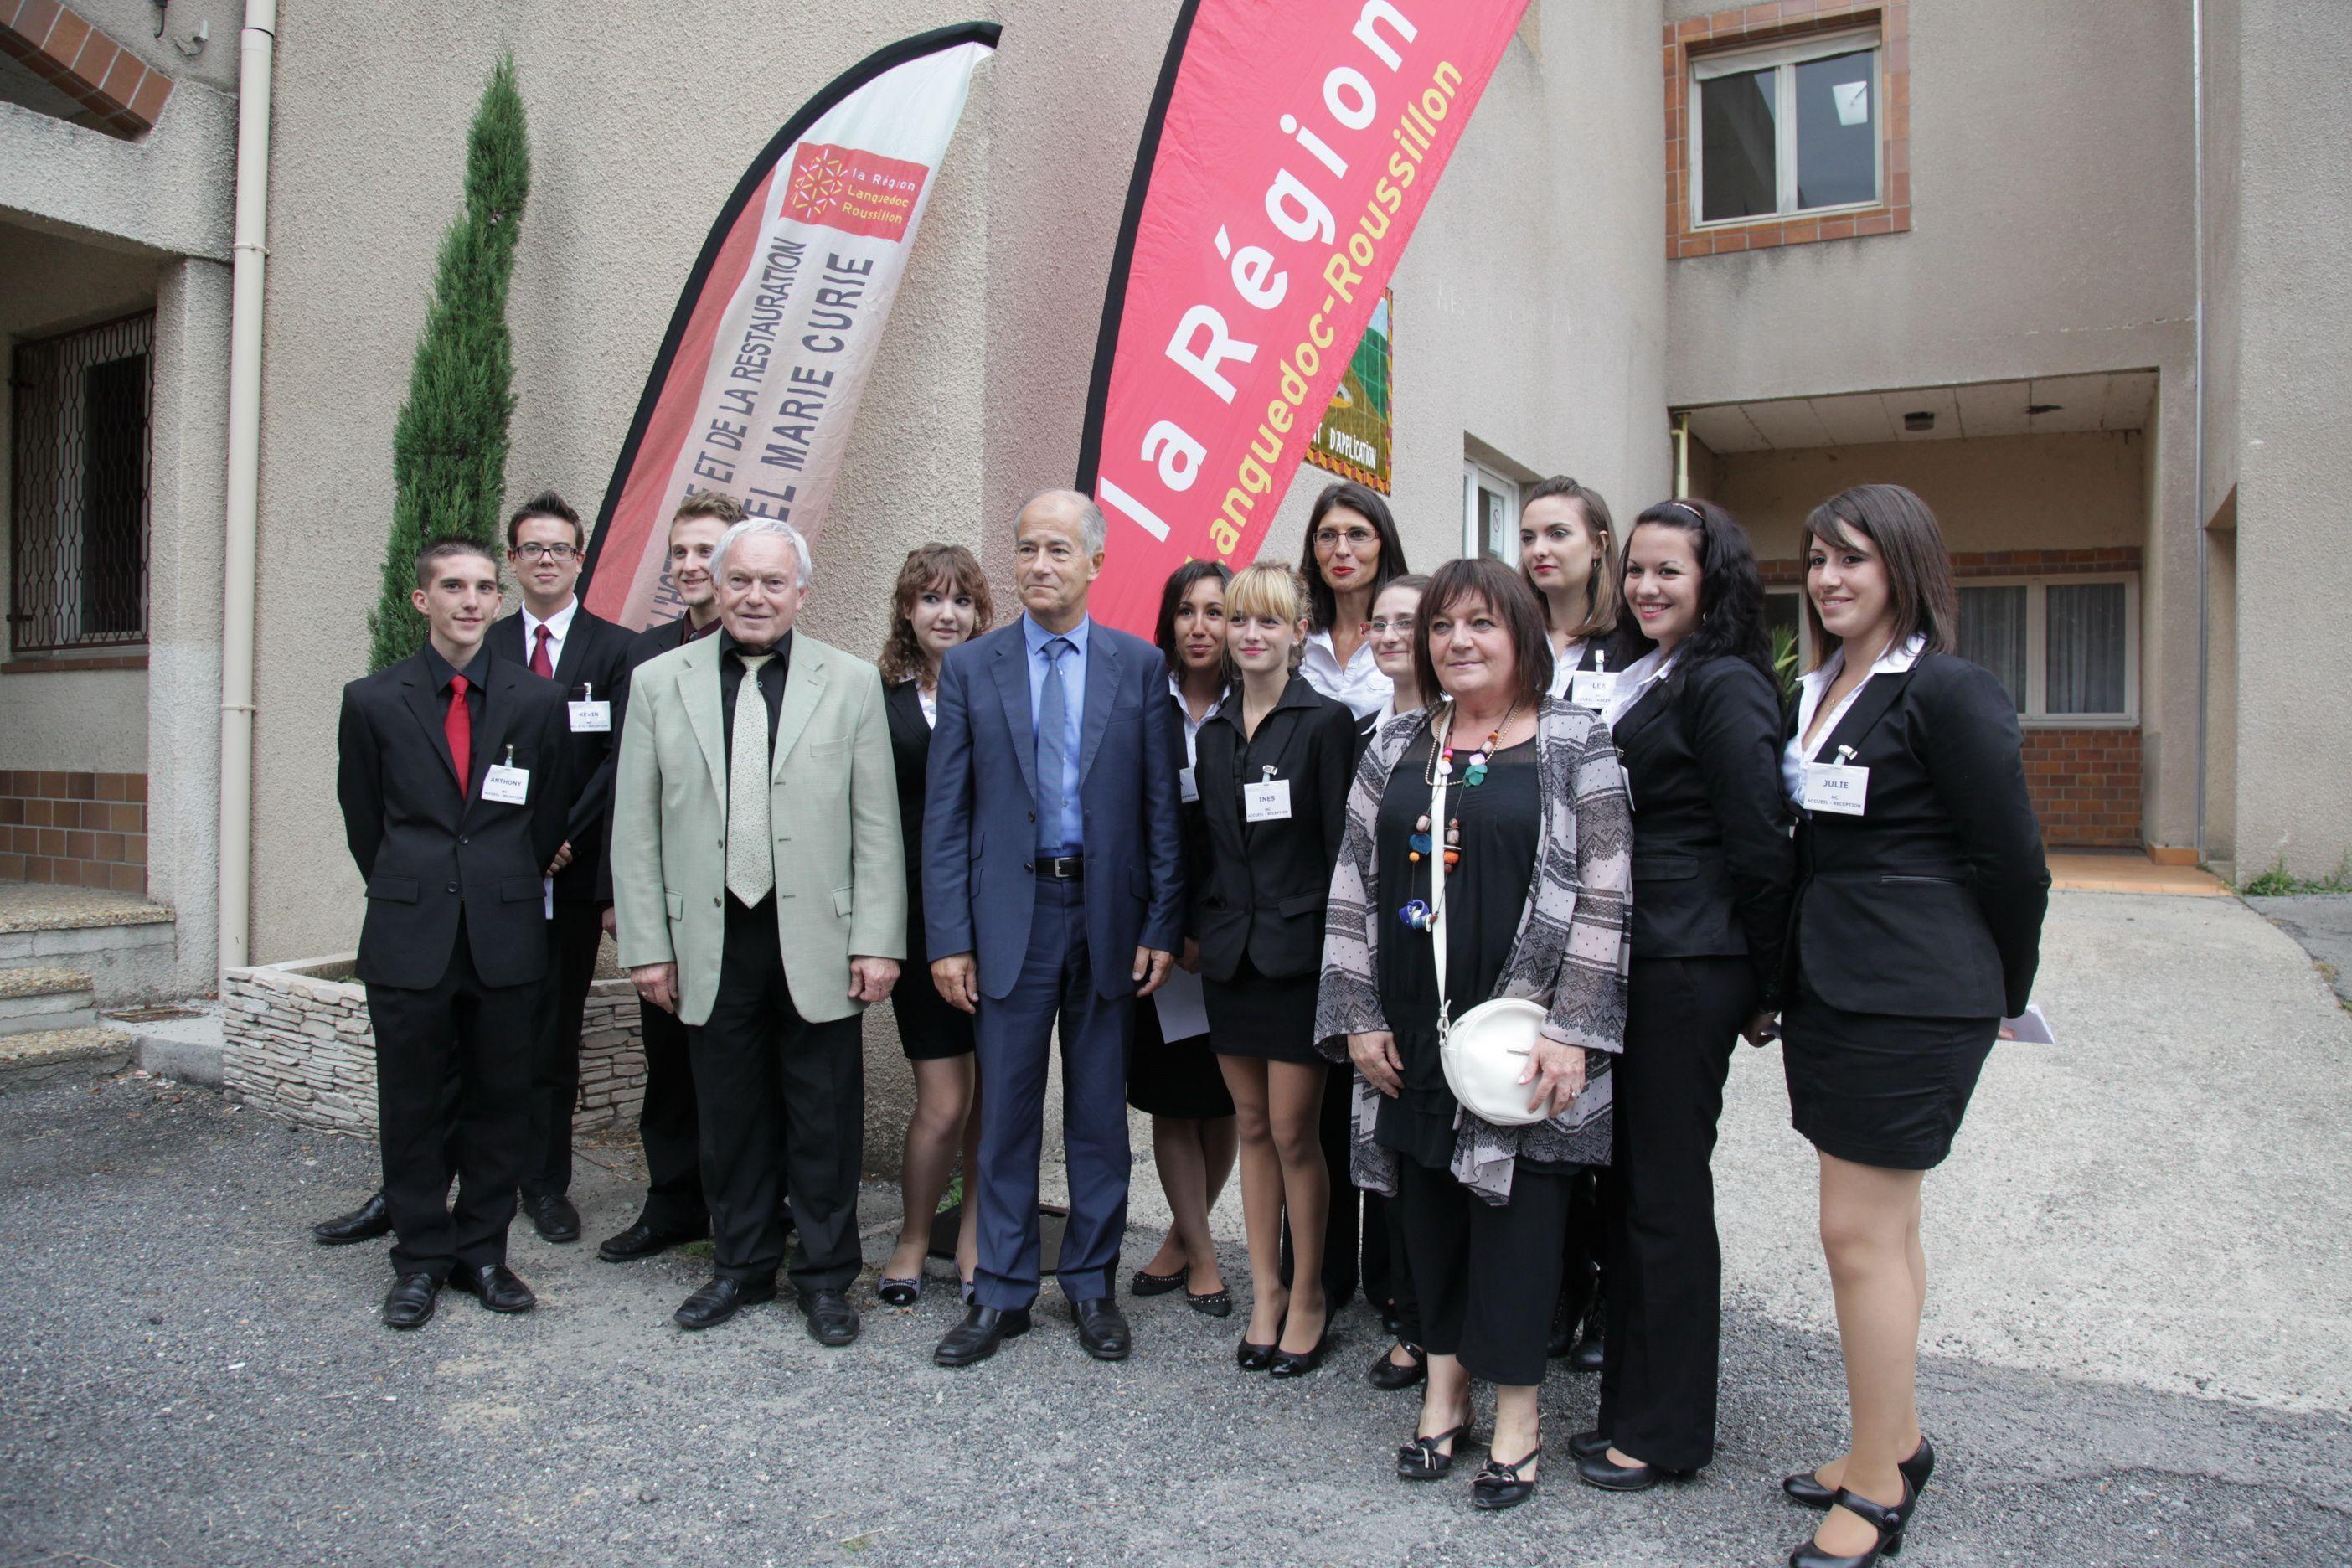 Le pr sident du conseil r gional visite le lep - Office de tourisme saint jean du gard ...